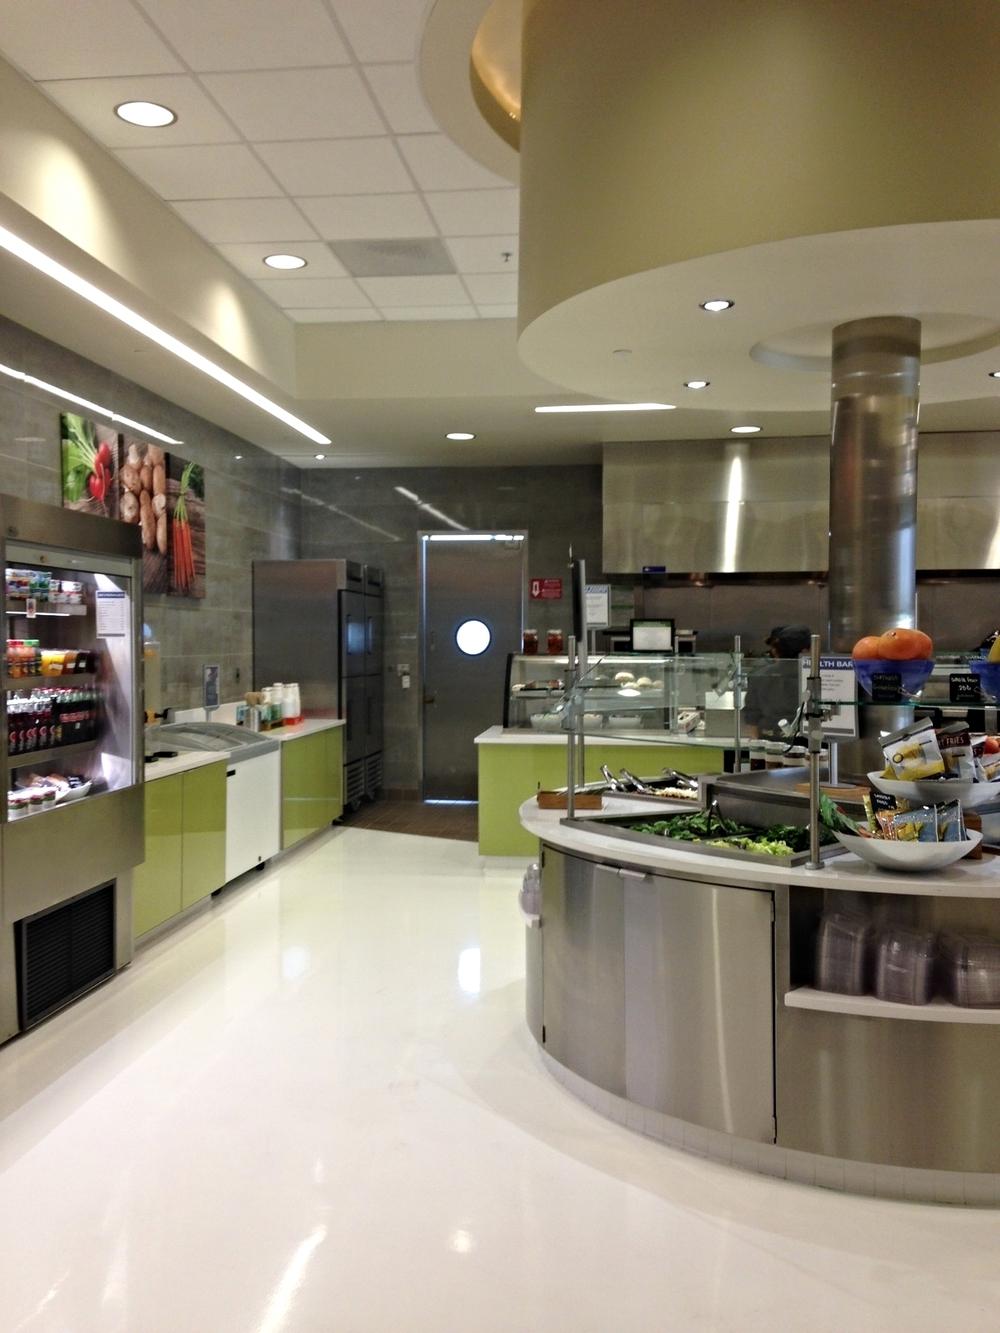 Servicenow_Int_Kitchen.jpg